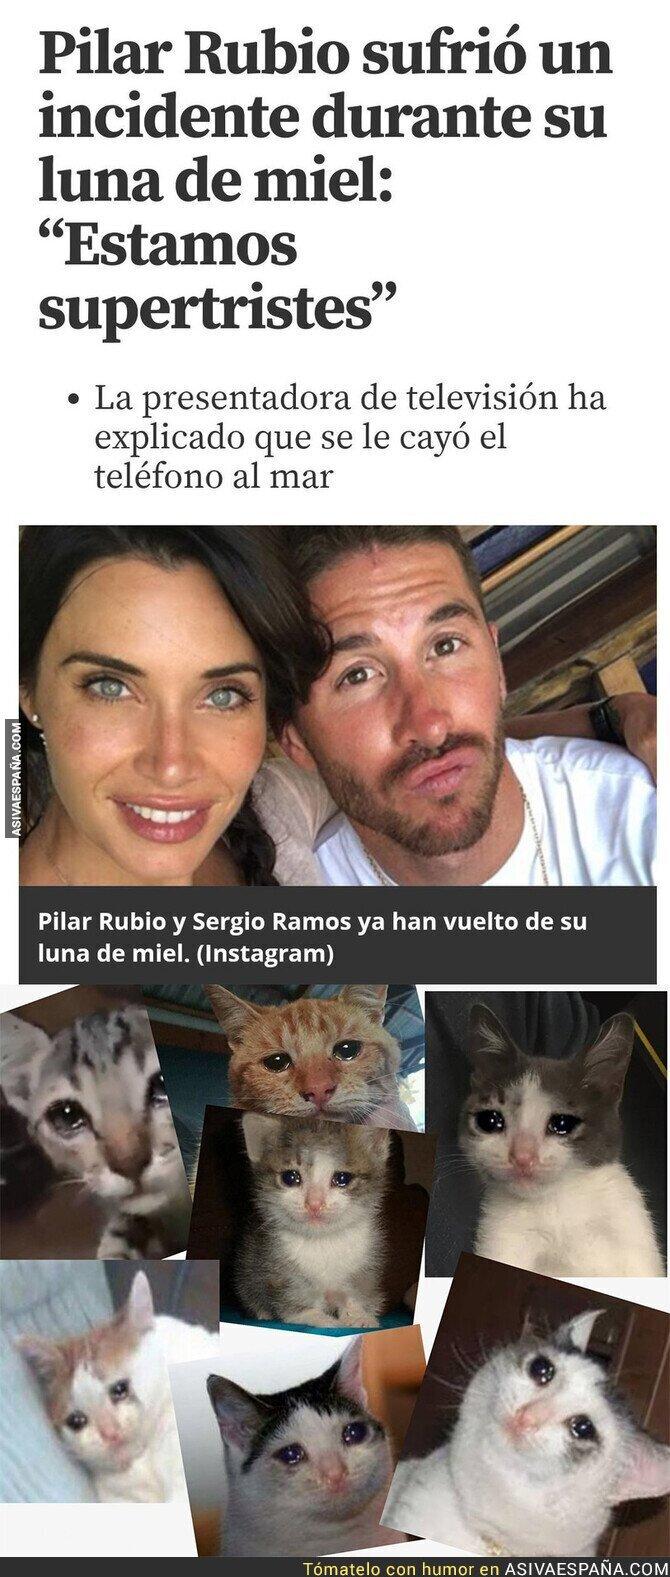 115714 - Drama en la luna de miel de Pilar Rubio y Sergio Ramos